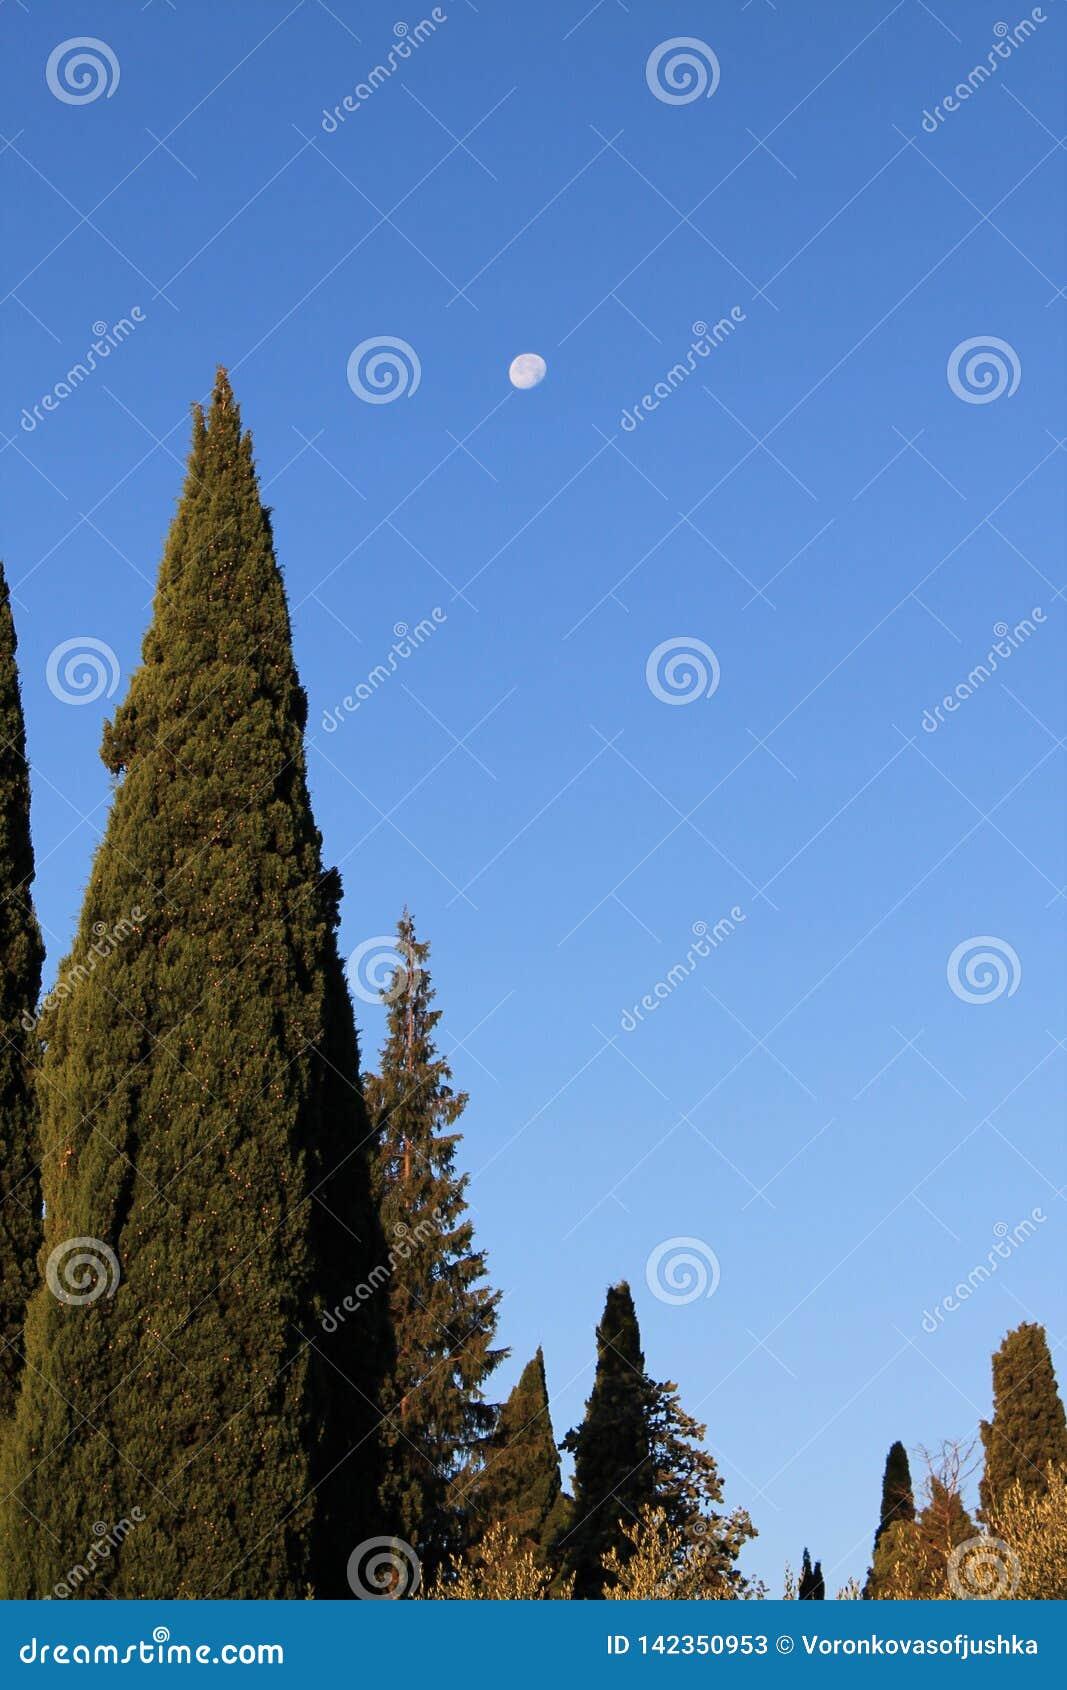 Lune de matin dans le ciel bleu dans la perspective de hauts cyprès